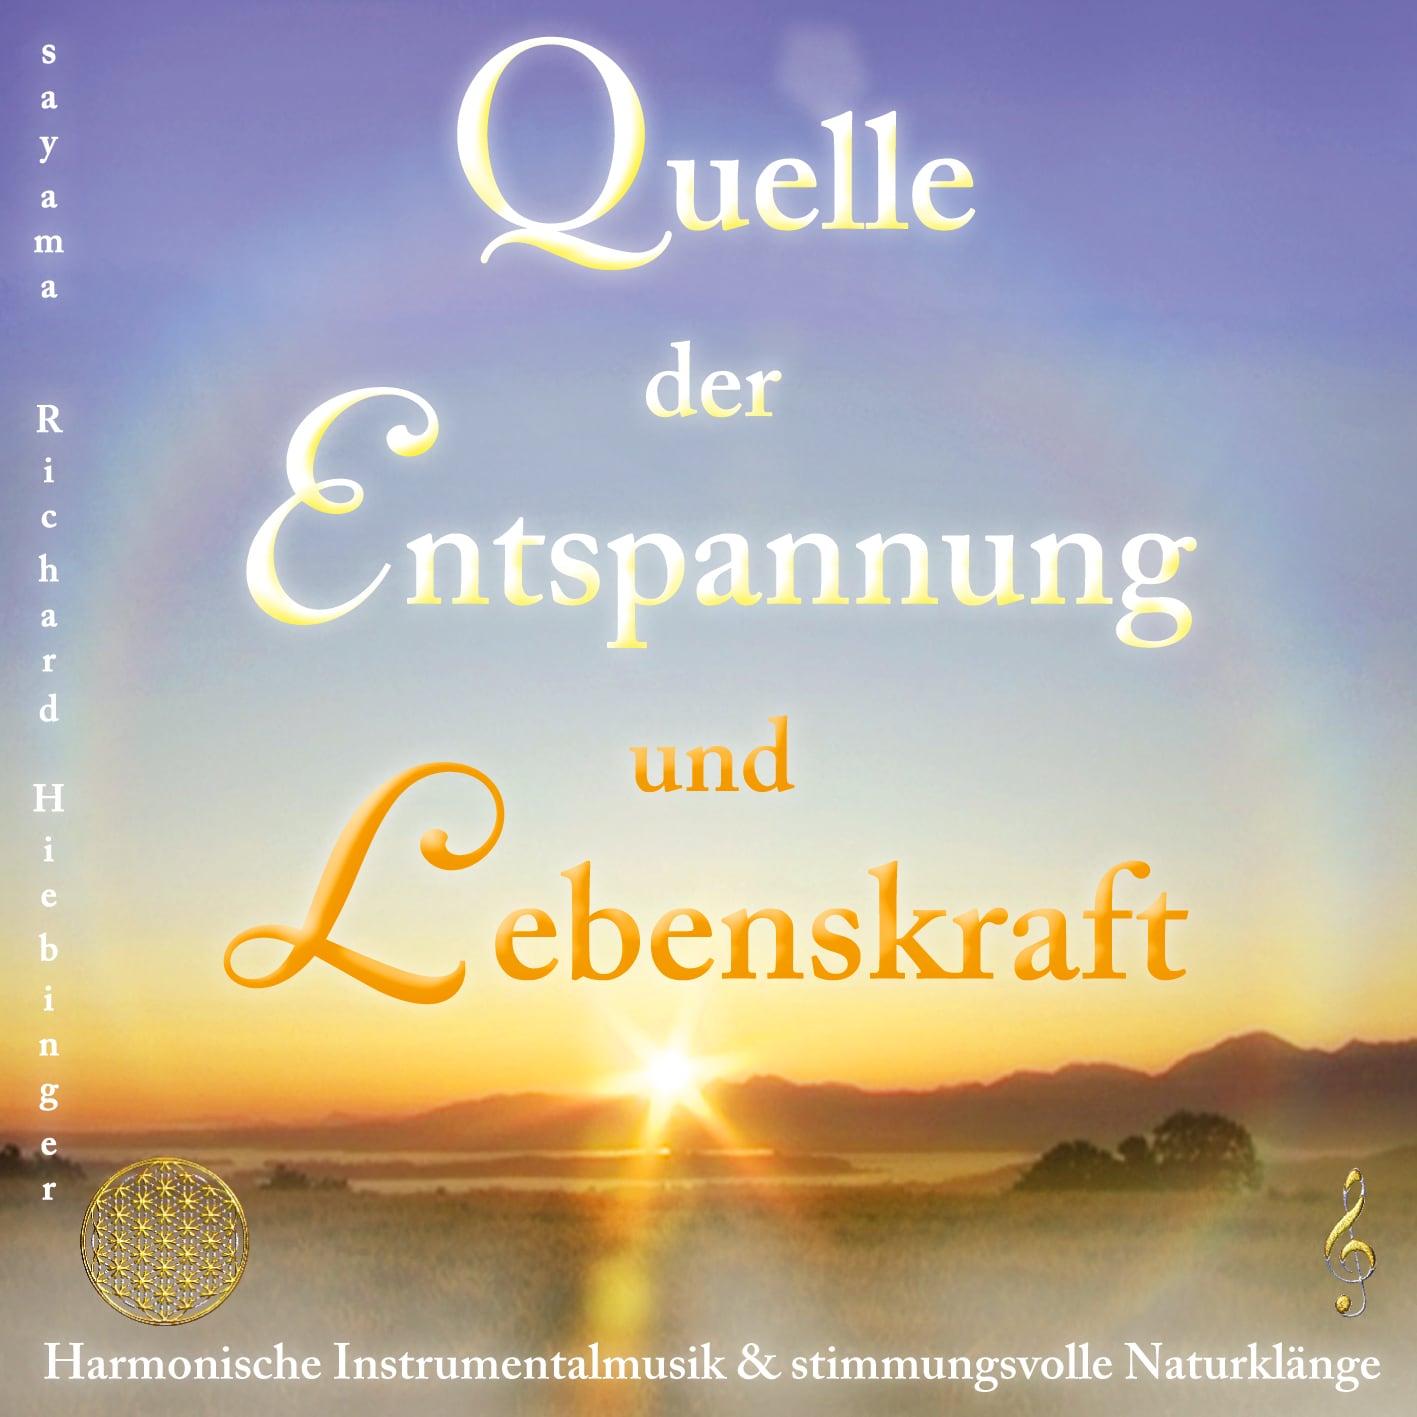 CD Titelbild Quelle der Entspannung und Lebendkraft von Sayama Music Richard Hiebinger. https://www.sayama-music.de/cds/quelle-der-entspannung-und-lebenskraft/